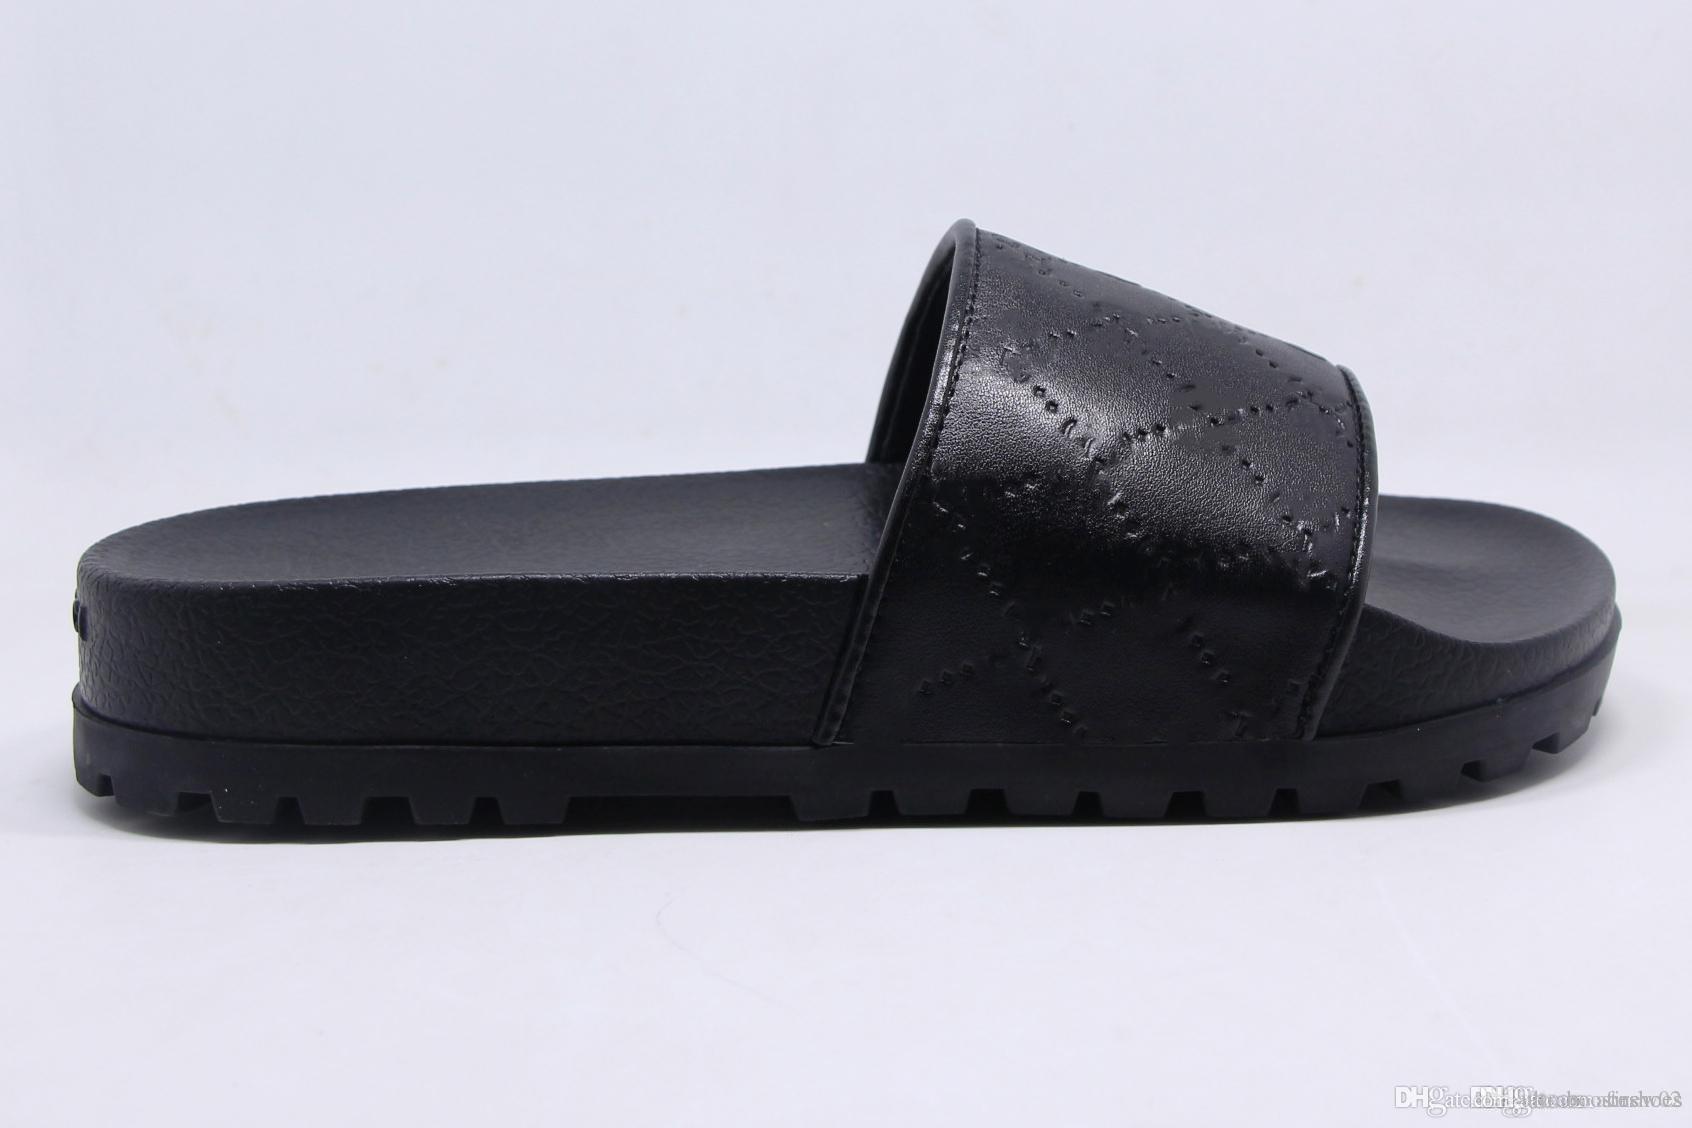 Goma De Chanclas Zapatillas Moda A Top Mujer Antideslizantes Huaraches Con Piel Hombre Tira Diapositivas Sandalias Rayas Causales Verano DYIeWEH29